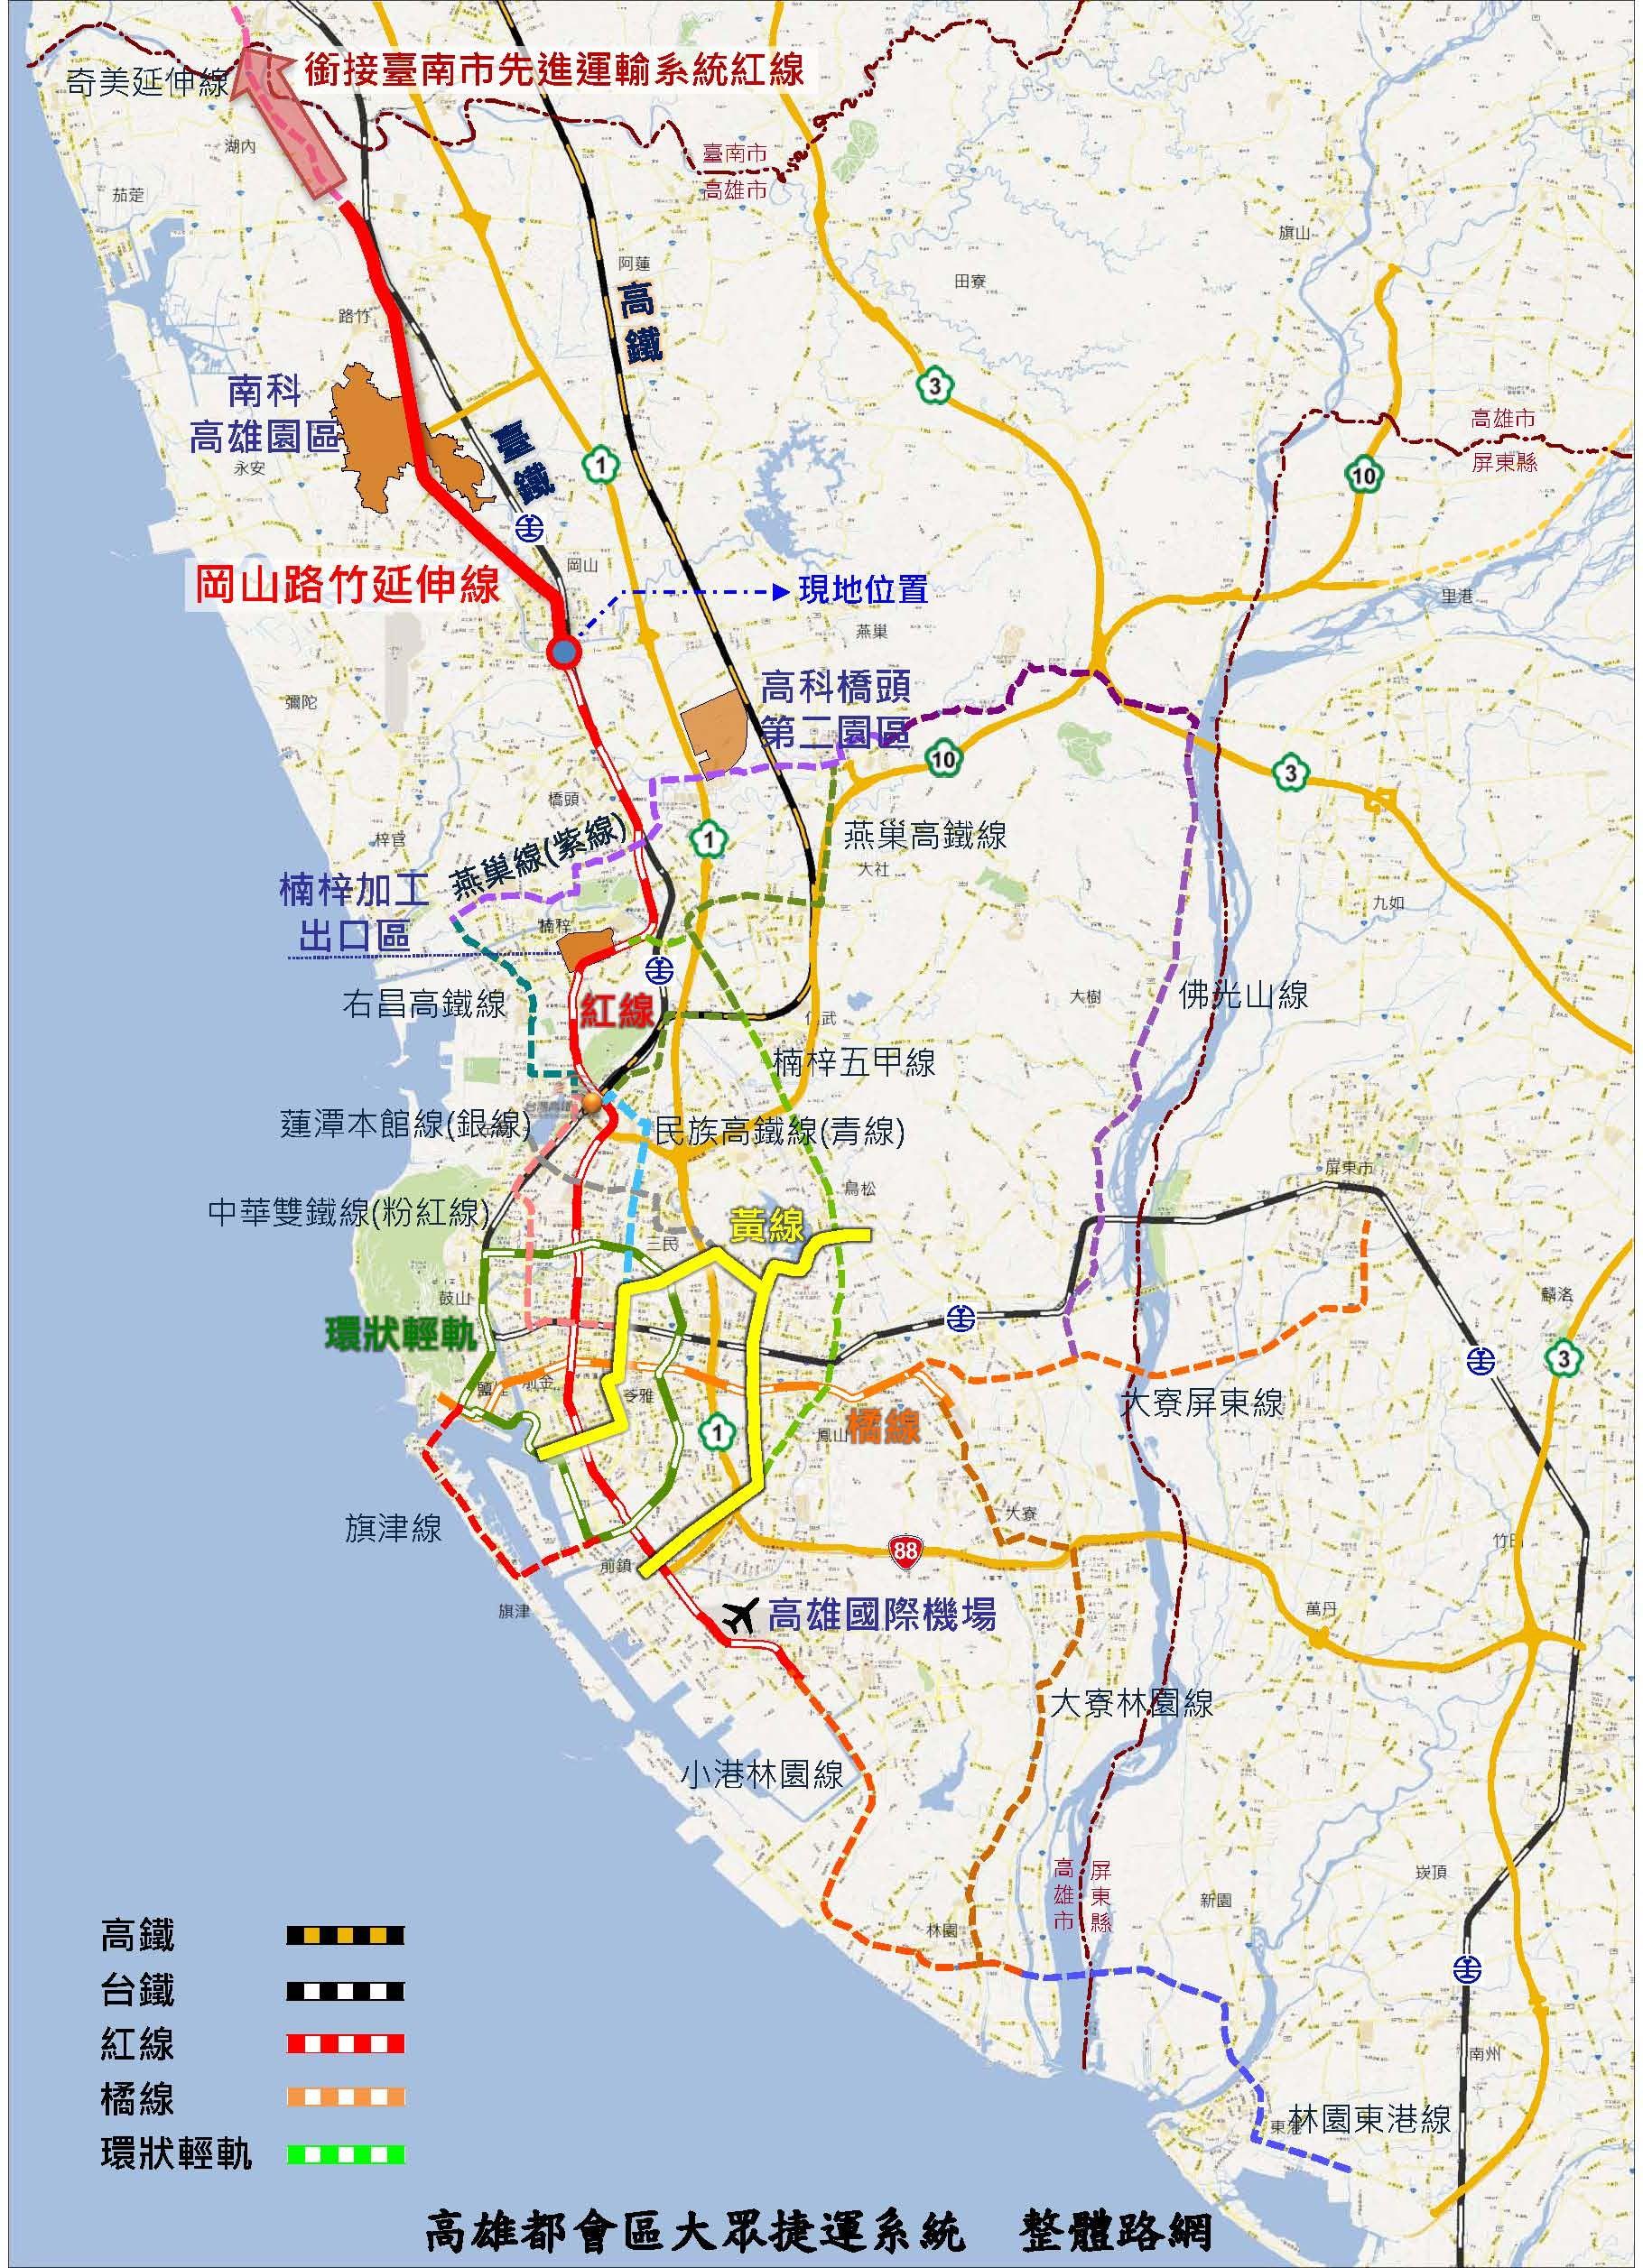 1091127-高雄捷運整體路網圖-1.jpg